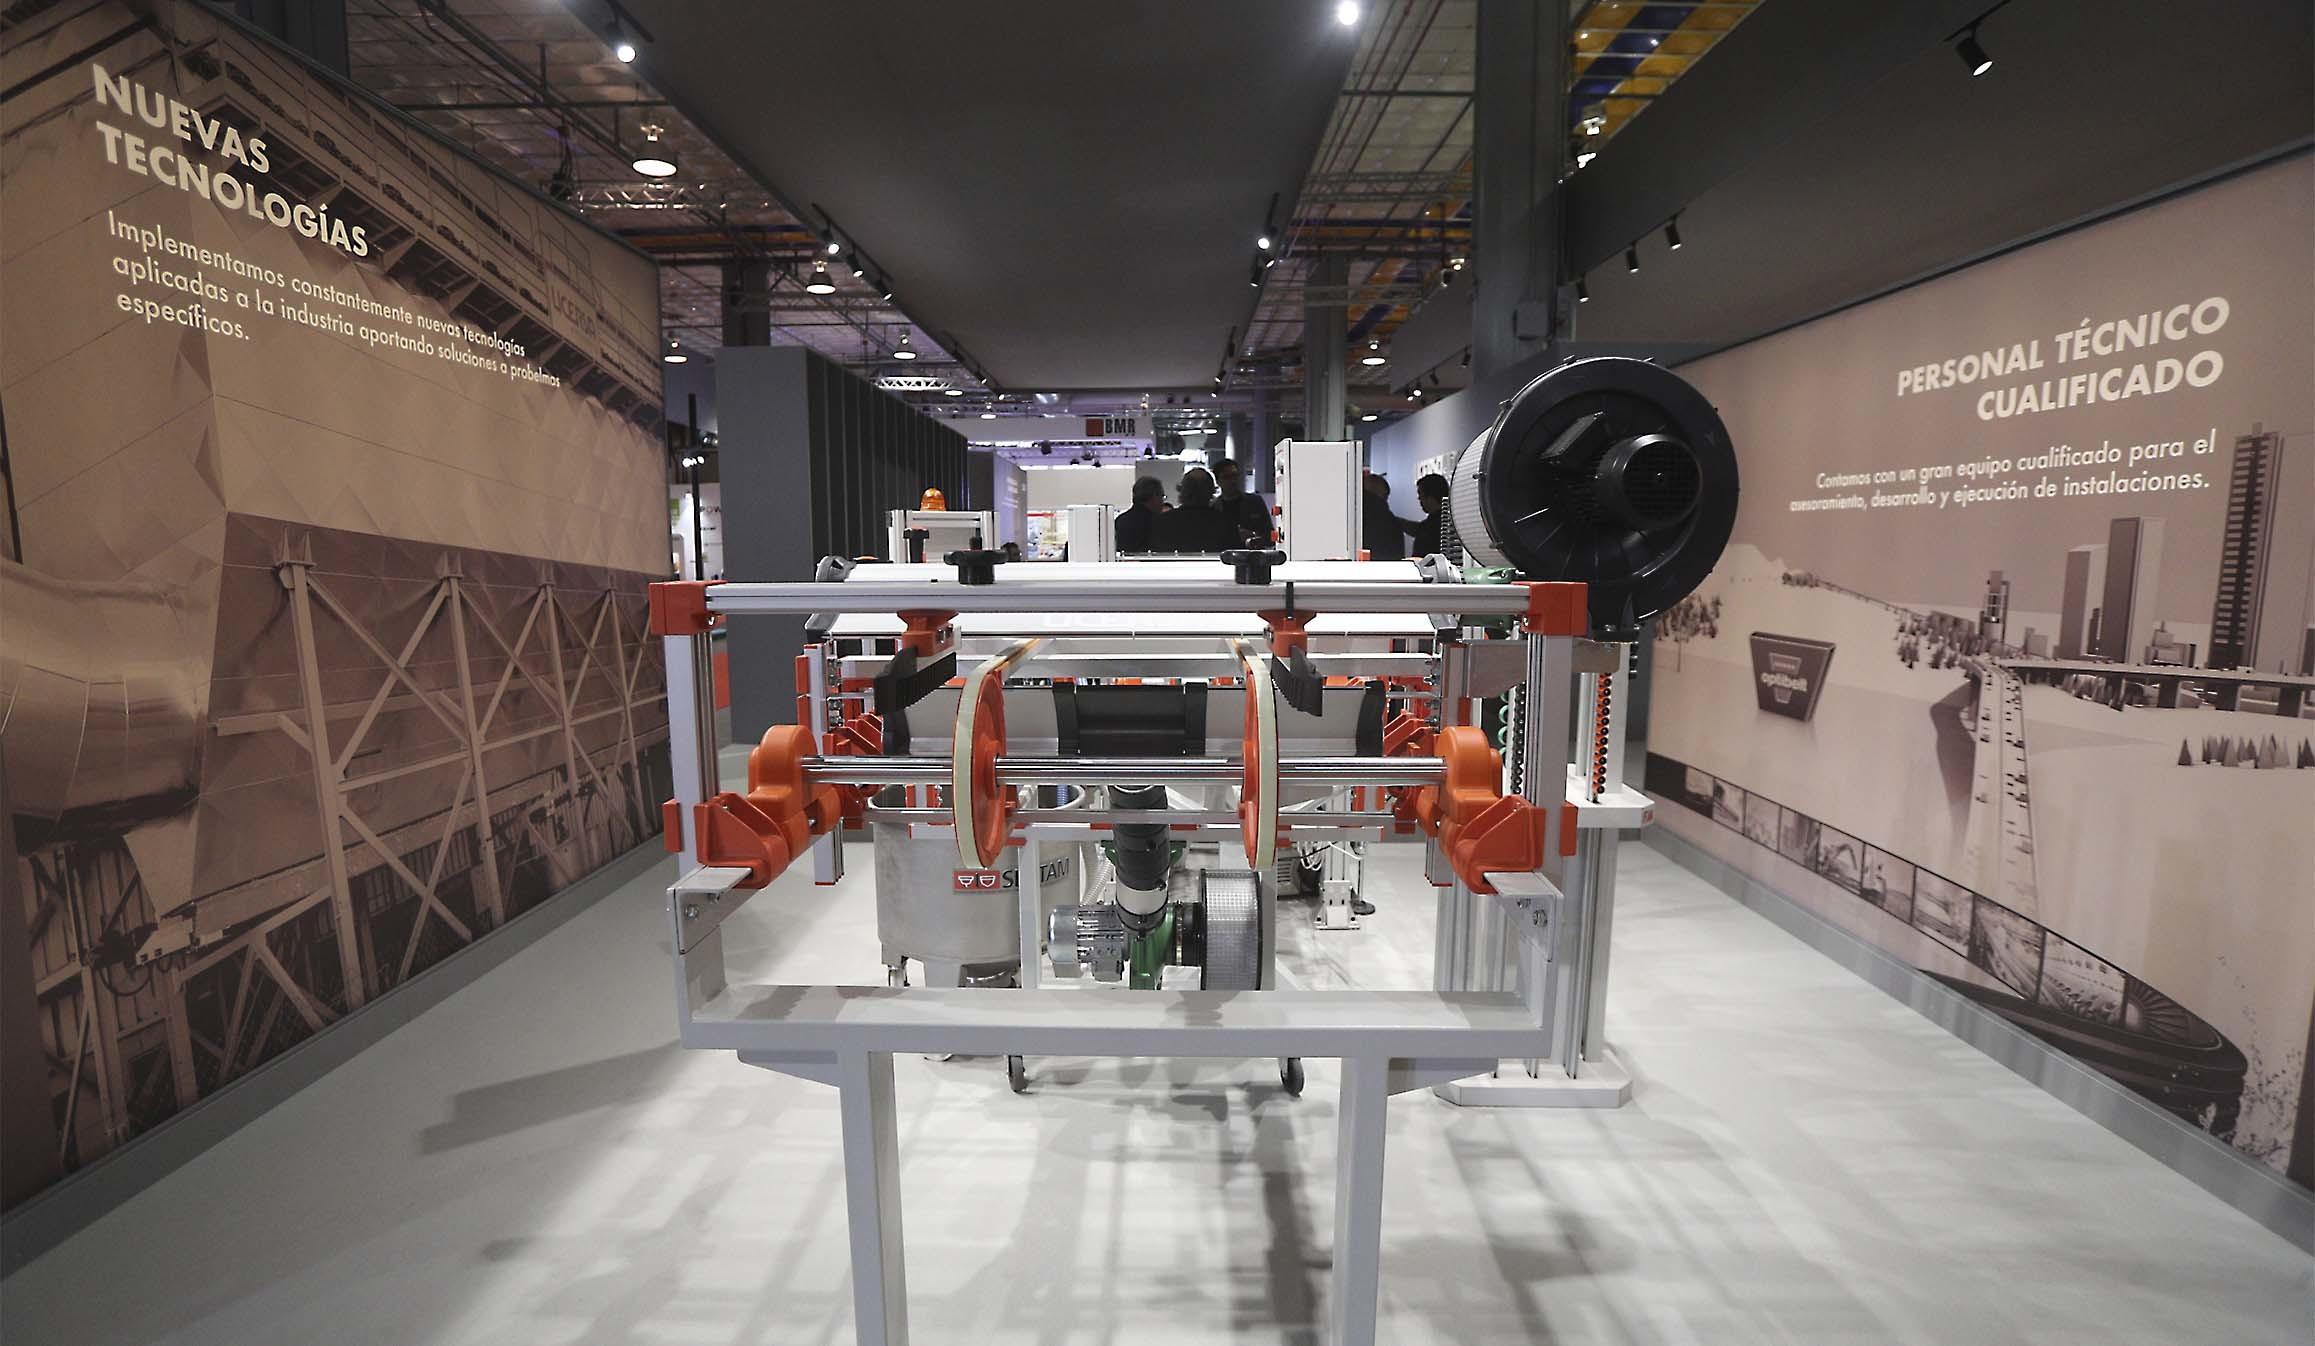 Pabellón de la maquinaria cerámica en la última edición de Cevisama celebrada en 2020.